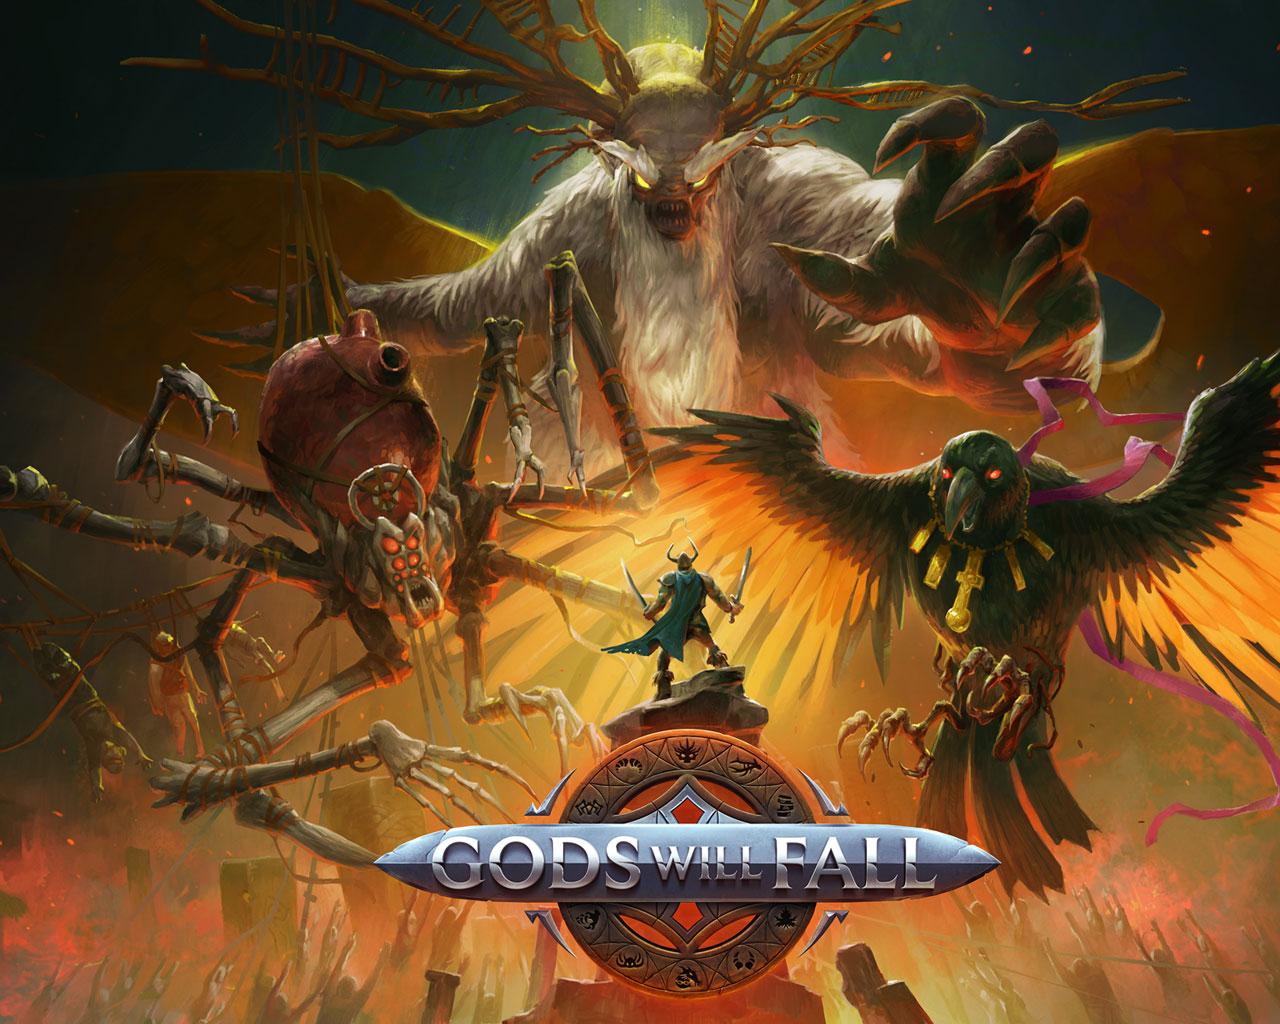 Free Gods Will Fall Wallpaper in 1280x1024